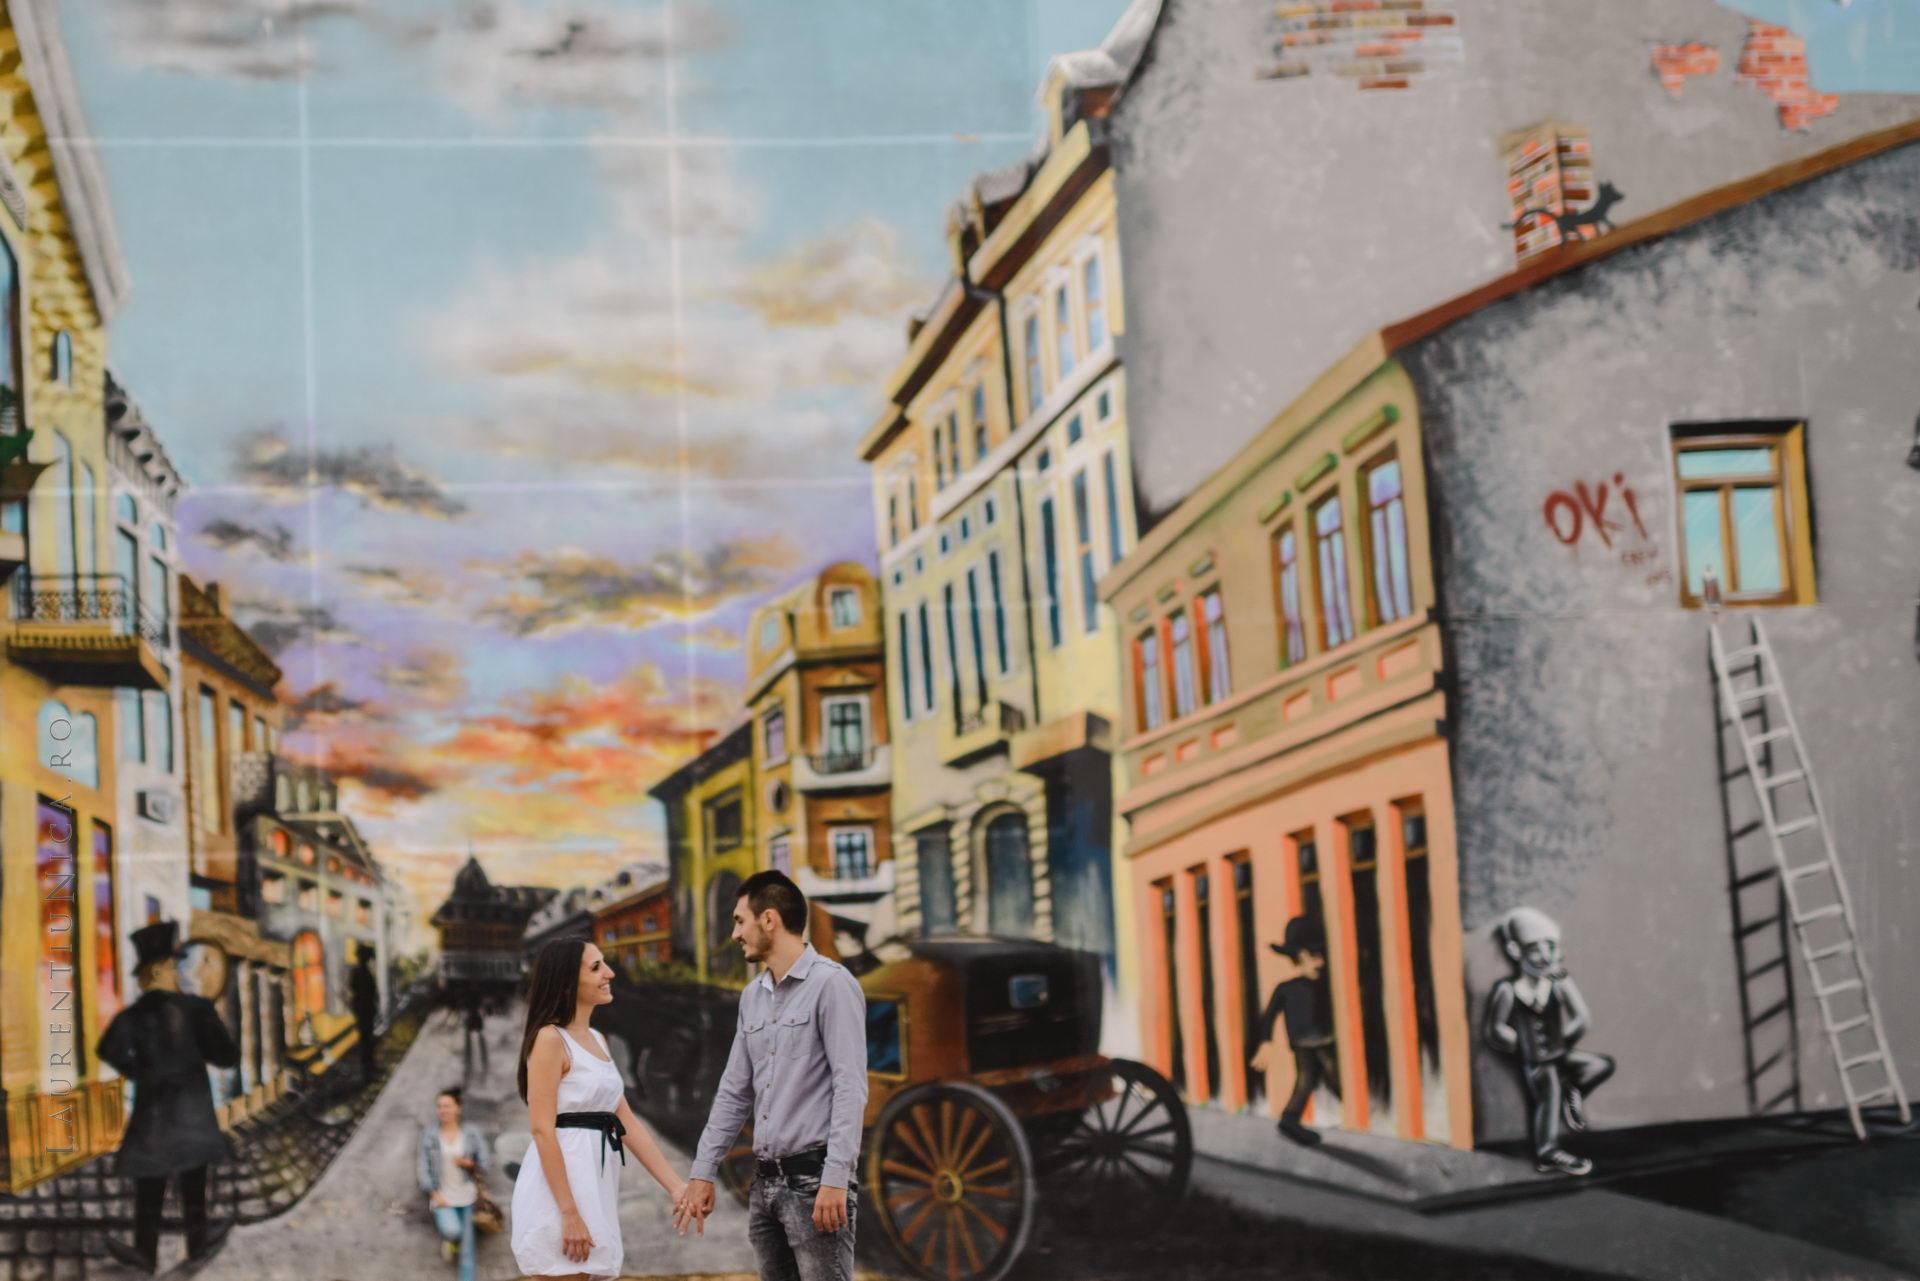 sedinta foto save the date fotograf laurentiu nica craiova 12 - Ramona & Marius | Sedinta foto Save the Date